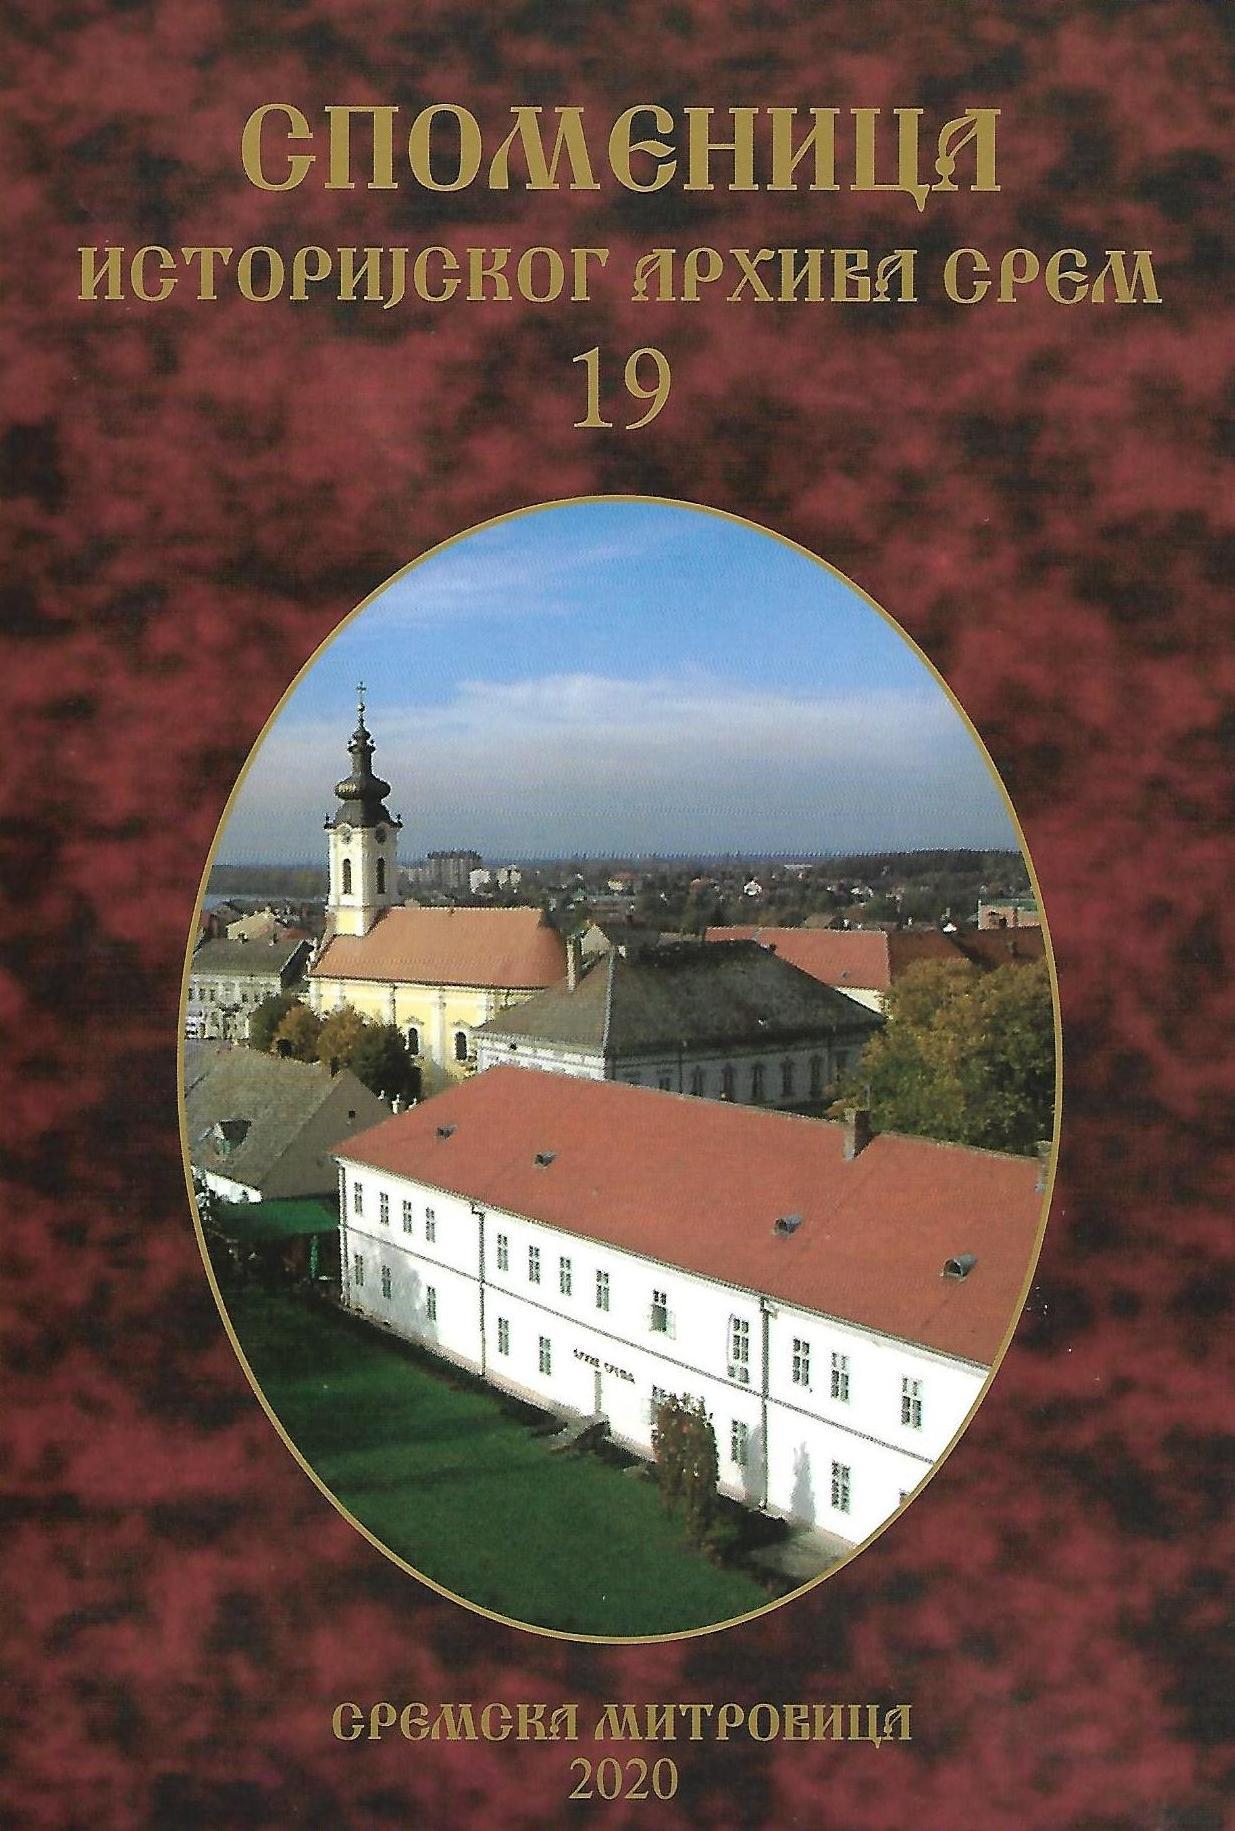 SPOMENICA19